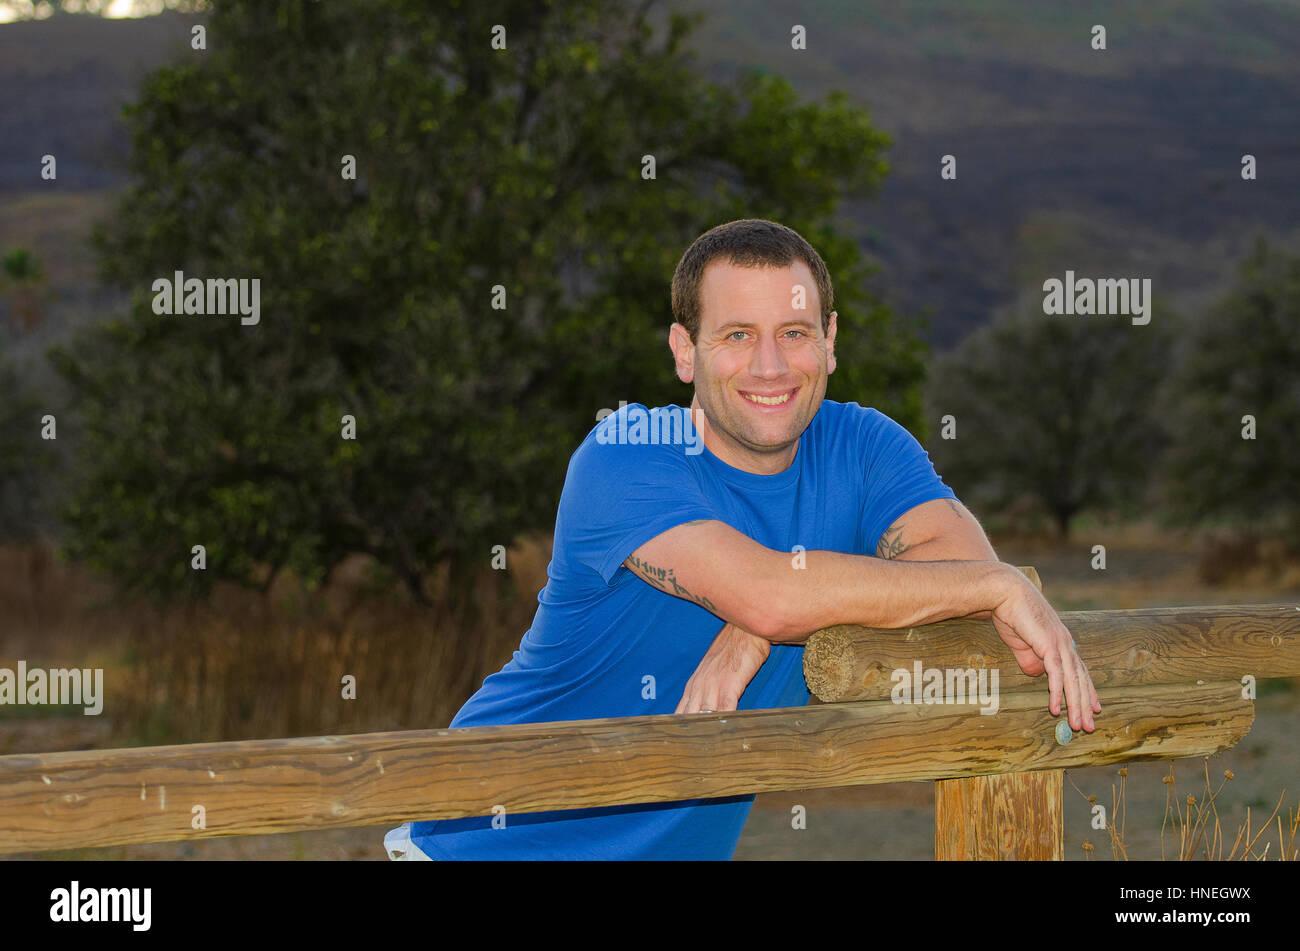 Hombre sonriente apoyado en una valla de madera disfrutando del aire libre Imagen De Stock